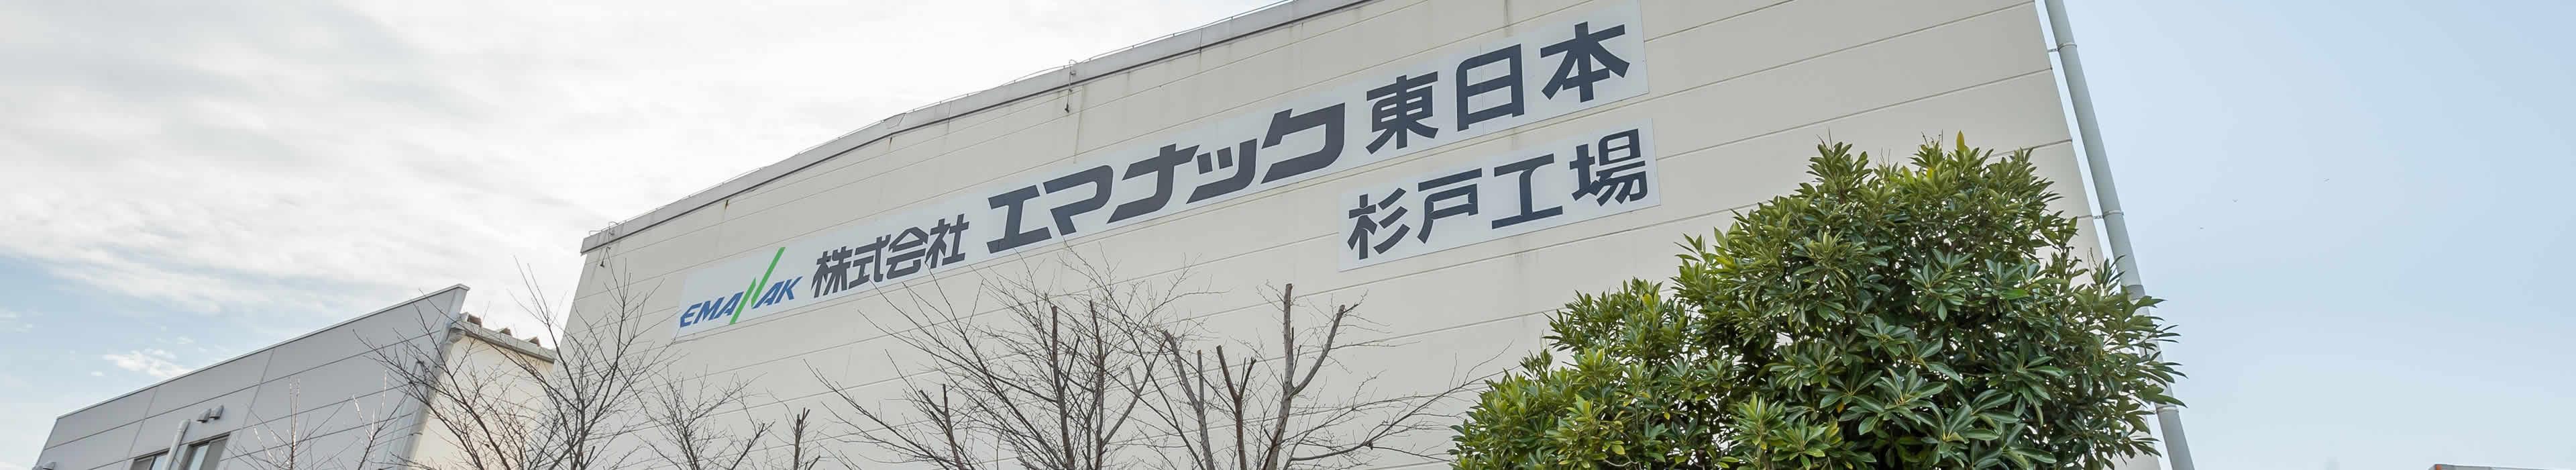 株式会社エマナック東日本 埼玉県杉戸工場